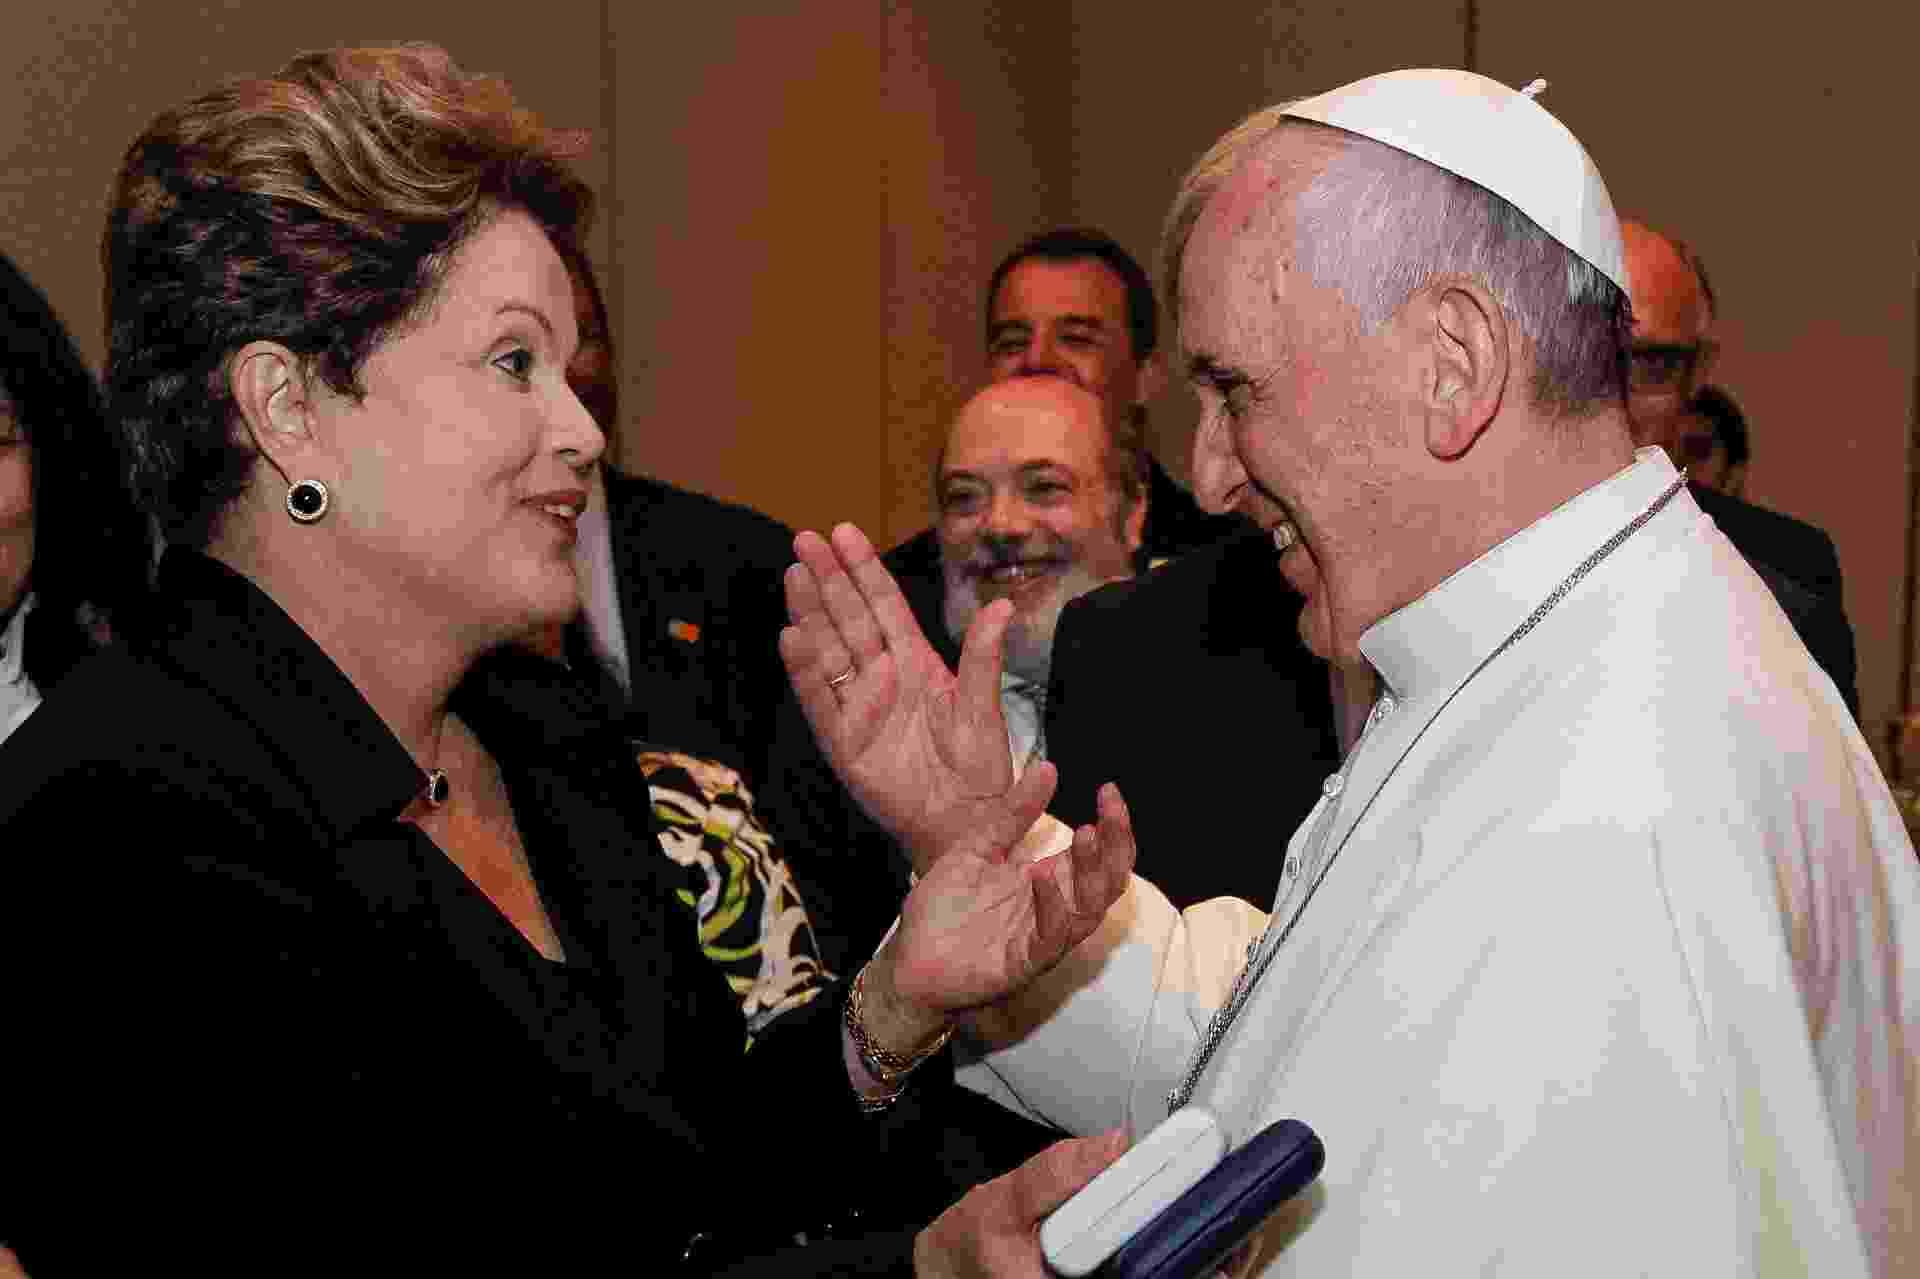 28.jul.2013 - Papa Francisco e a presidente Dilma Rousseff conversam após a missa de encerramento da JMJ (Jornada Mundial da Juventude), no Rio de Janeiro - Presidência da República/Divulgação